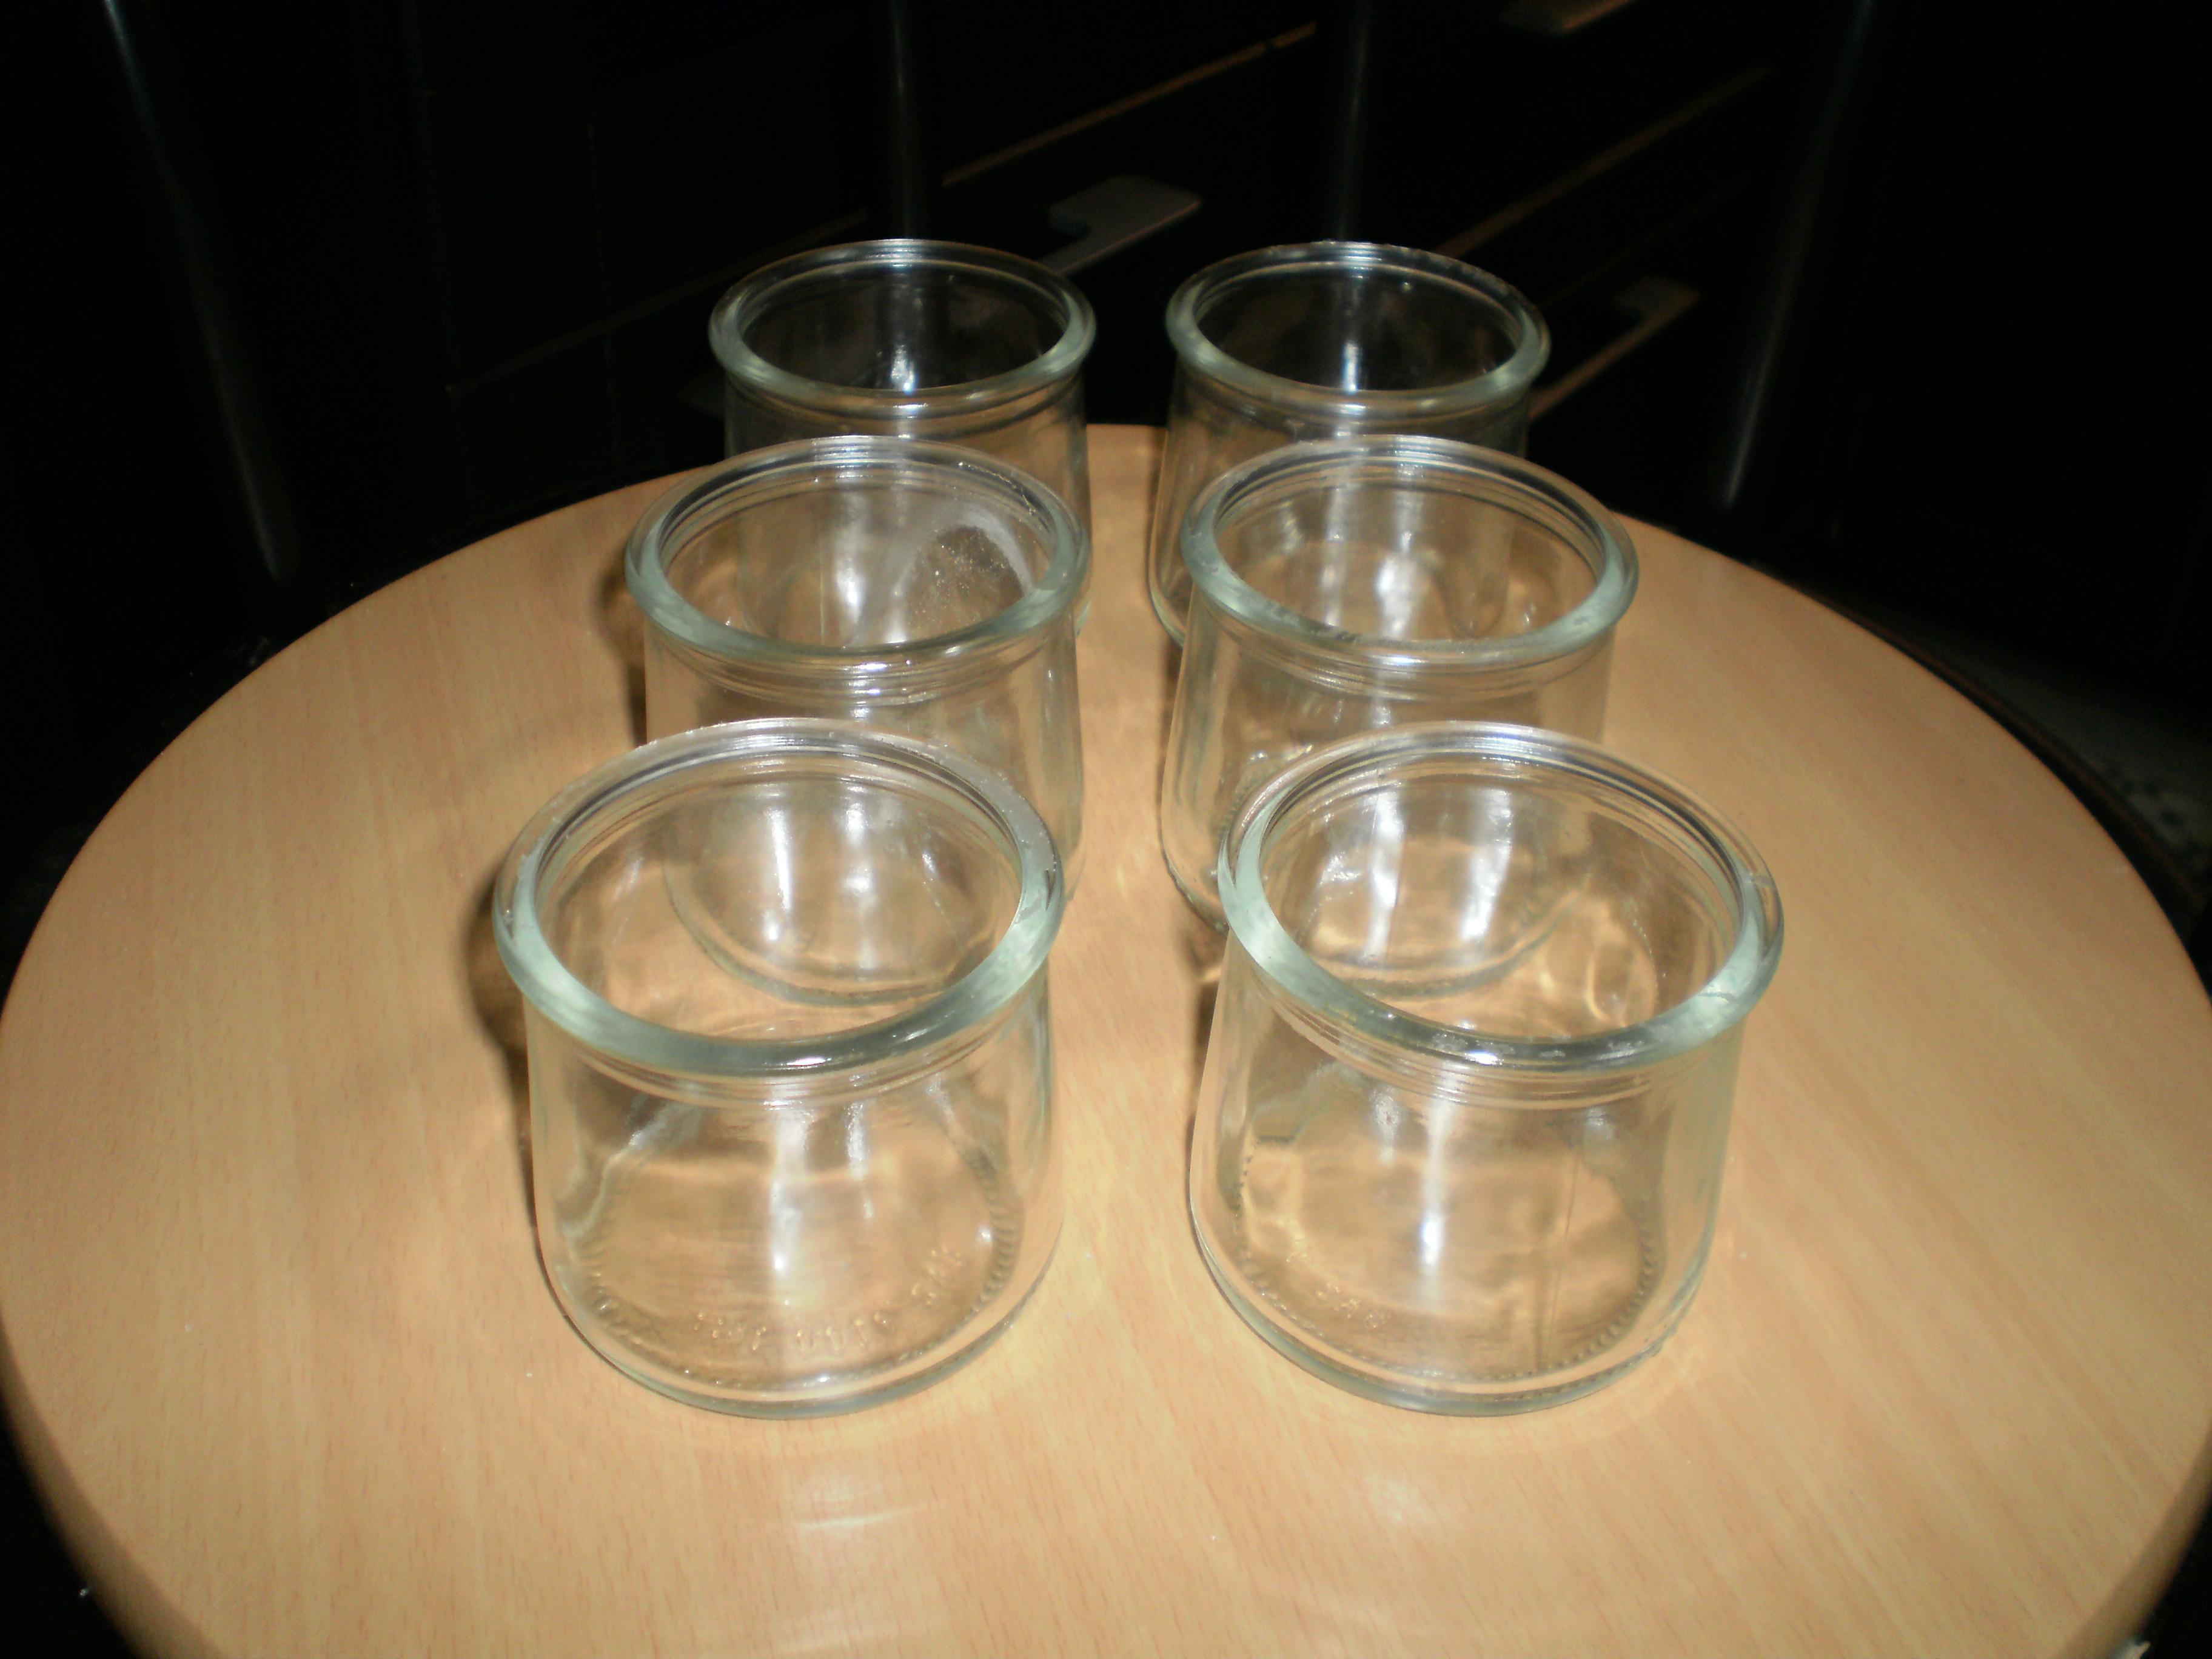 troc de troc 6 pots créme dessert en verre nfs image 0